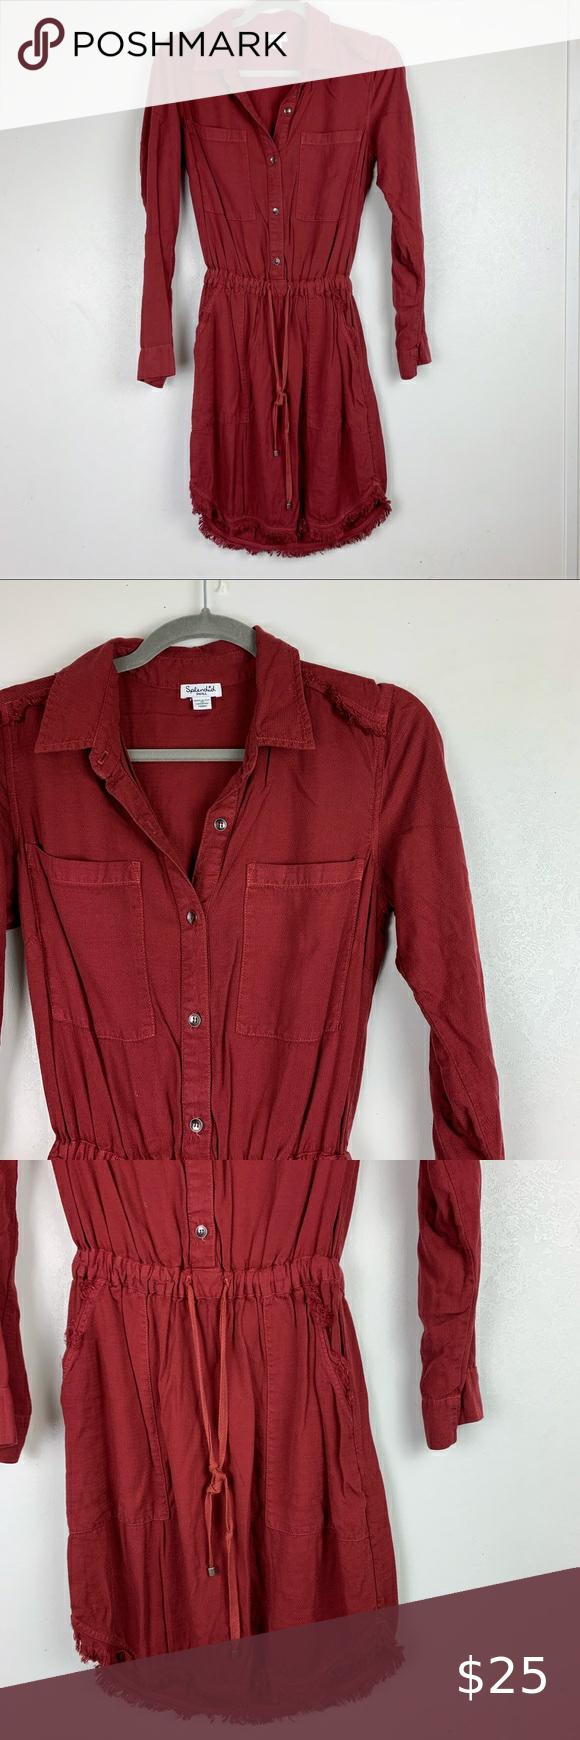 Splendid Women S Red Long Sleeve Dress Button Down Splendid Women S Dark Red Long Sleeve Dress Button Fro Red Long Sleeve Dress Long Sleeve Dress Button Dress [ 1740 x 580 Pixel ]